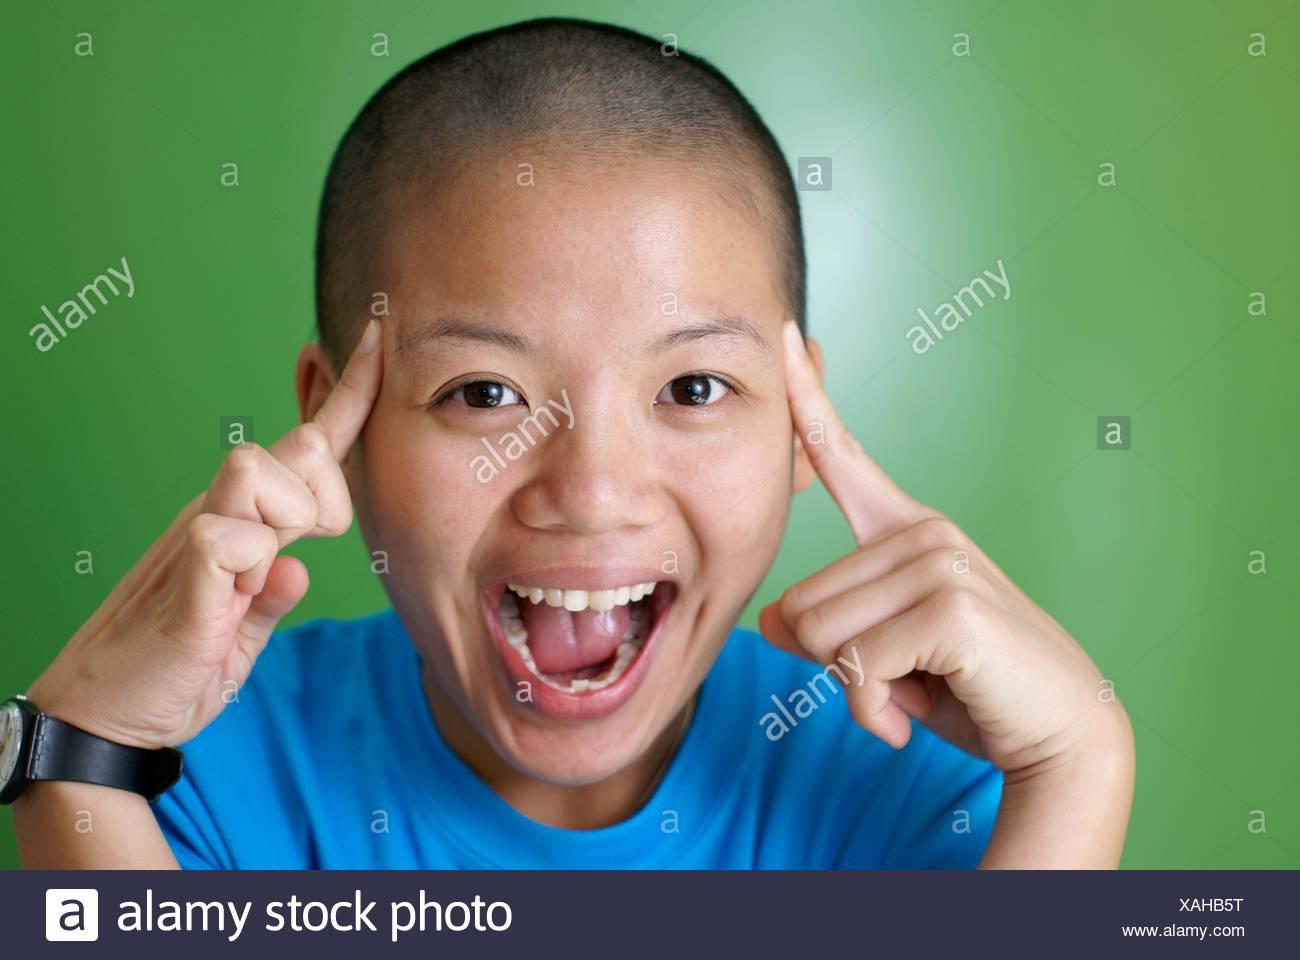 Beachten Sie, dass alle Komiker von Laci hauptsächlich für kleine Kinder bestimmt waren? Zeigt, wie erwachsen manche Menschen mental durch ihren Geschmack in der Komödie sind.